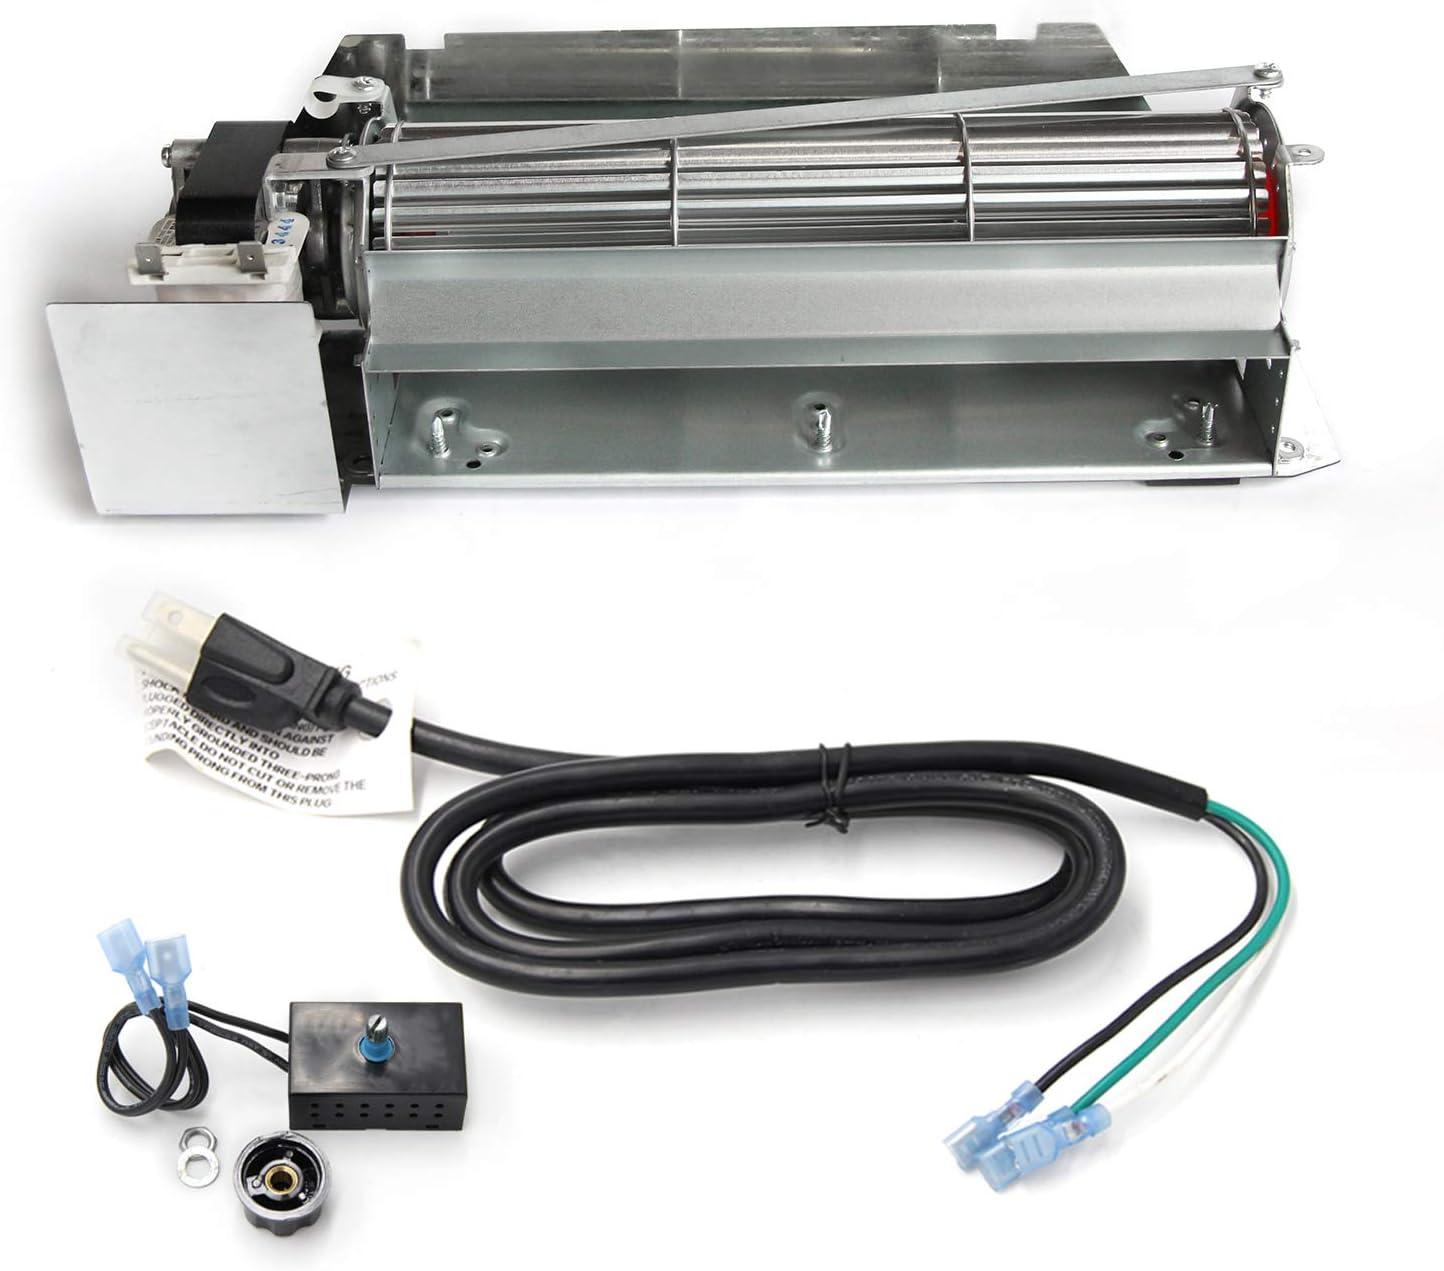 Hongso FBK-200 Kit de Ventilador de Repuesto para Chimenea para Lennox Superior FBK-200: Amazon.es: Hogar